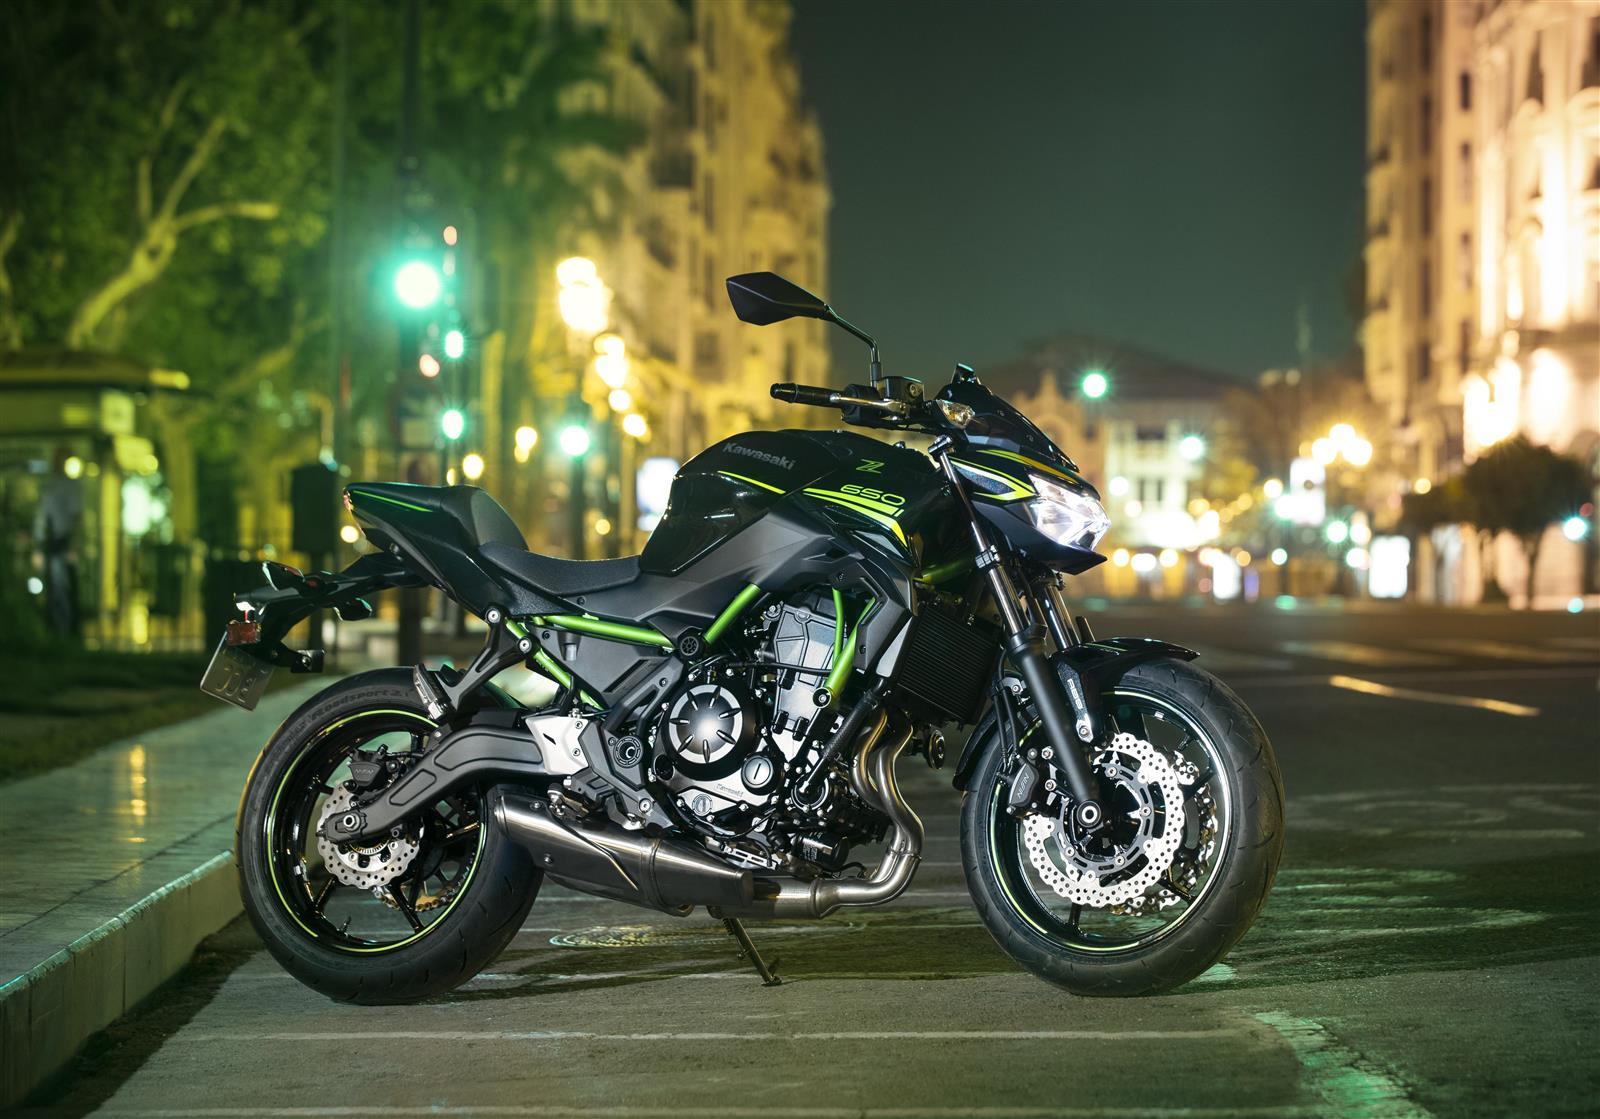 Comparativa Kawasaki Z650 2020 - Yamaha MT-07 2018-2020